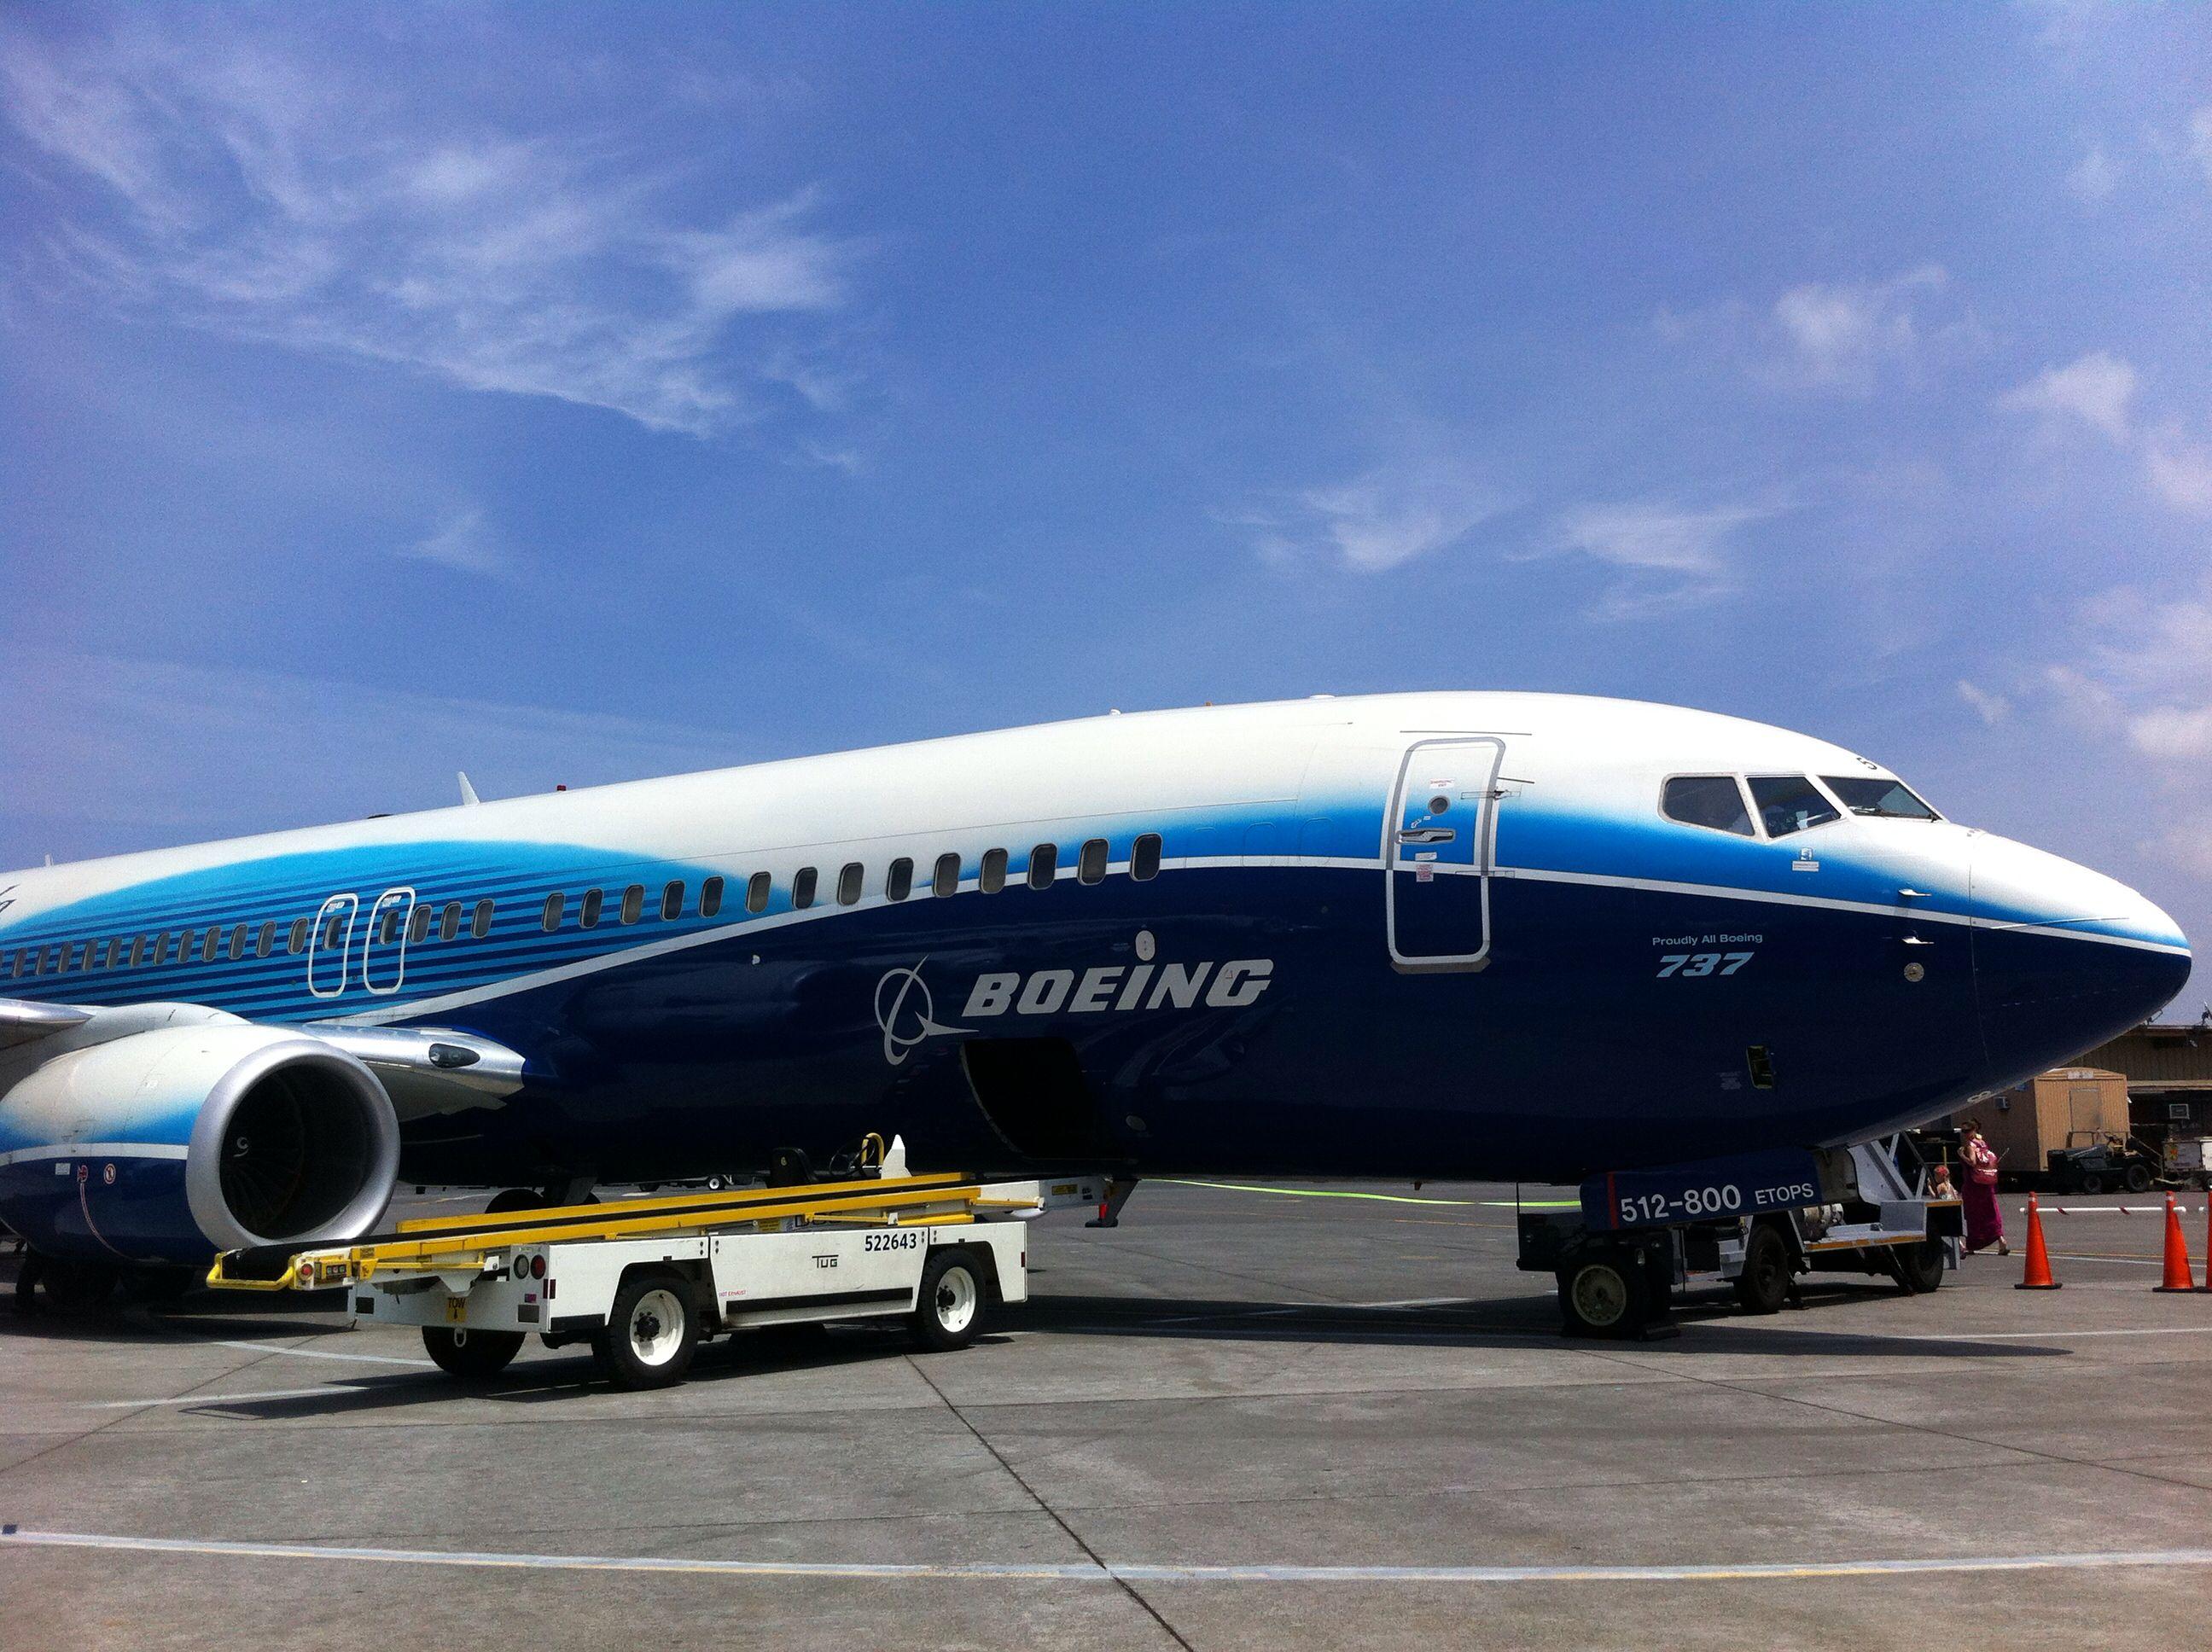 kona Hawaii Kona hawaii, Passenger jet, Kona